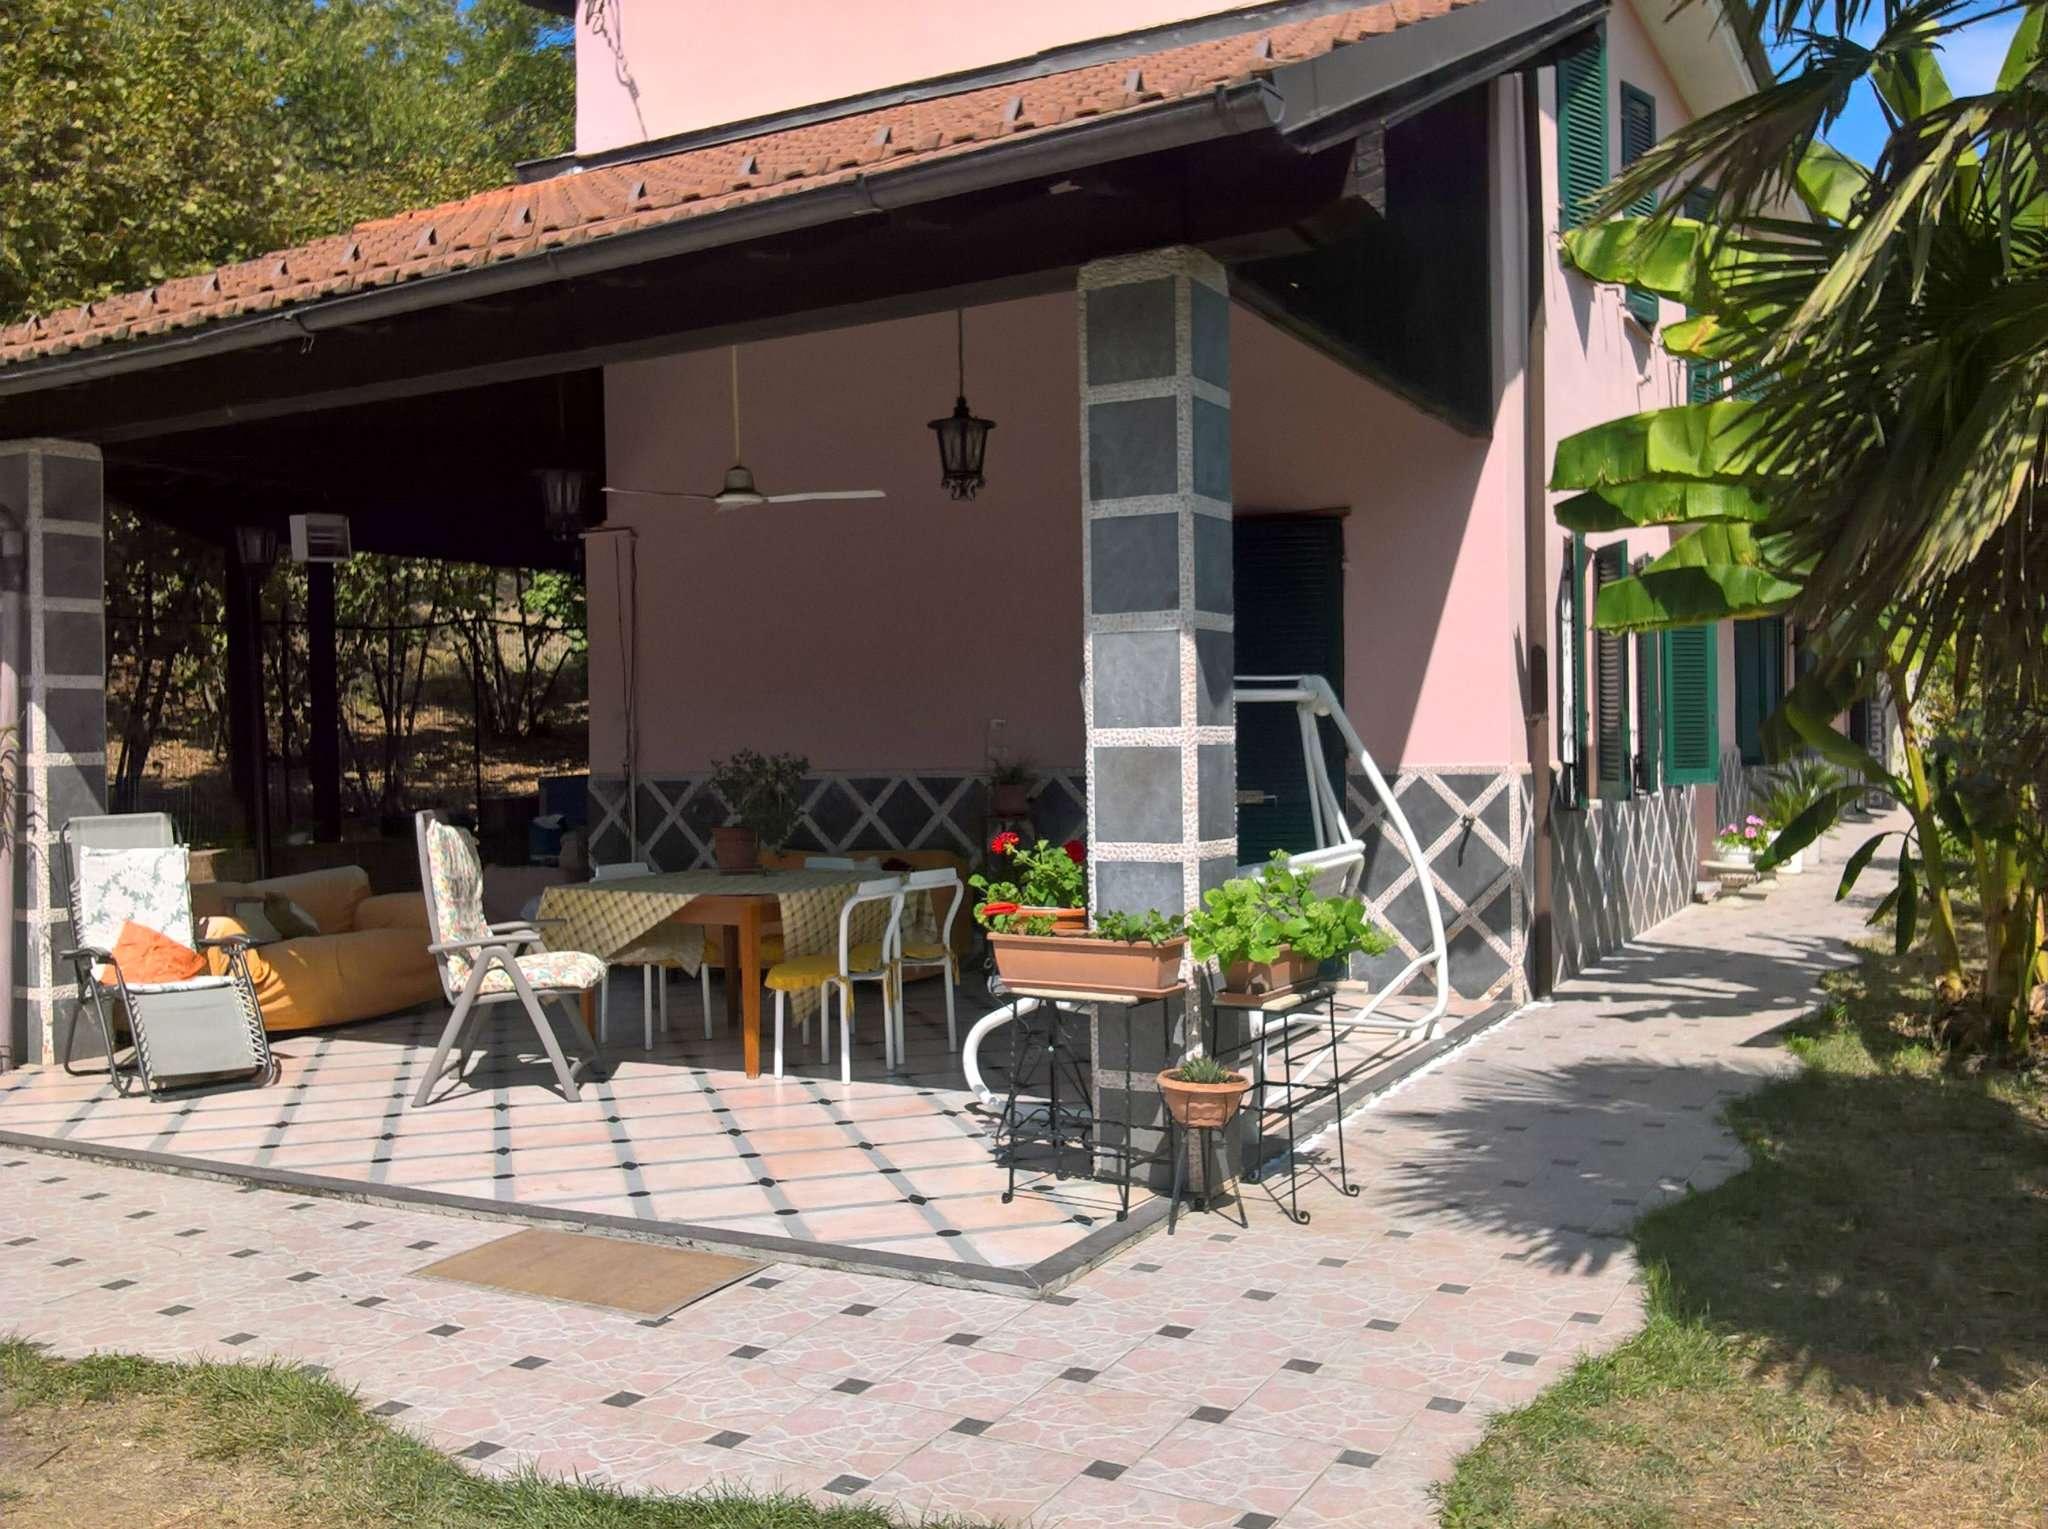 Villa in vendita a Incisa Scapaccino, 6 locali, prezzo € 250.000 | CambioCasa.it